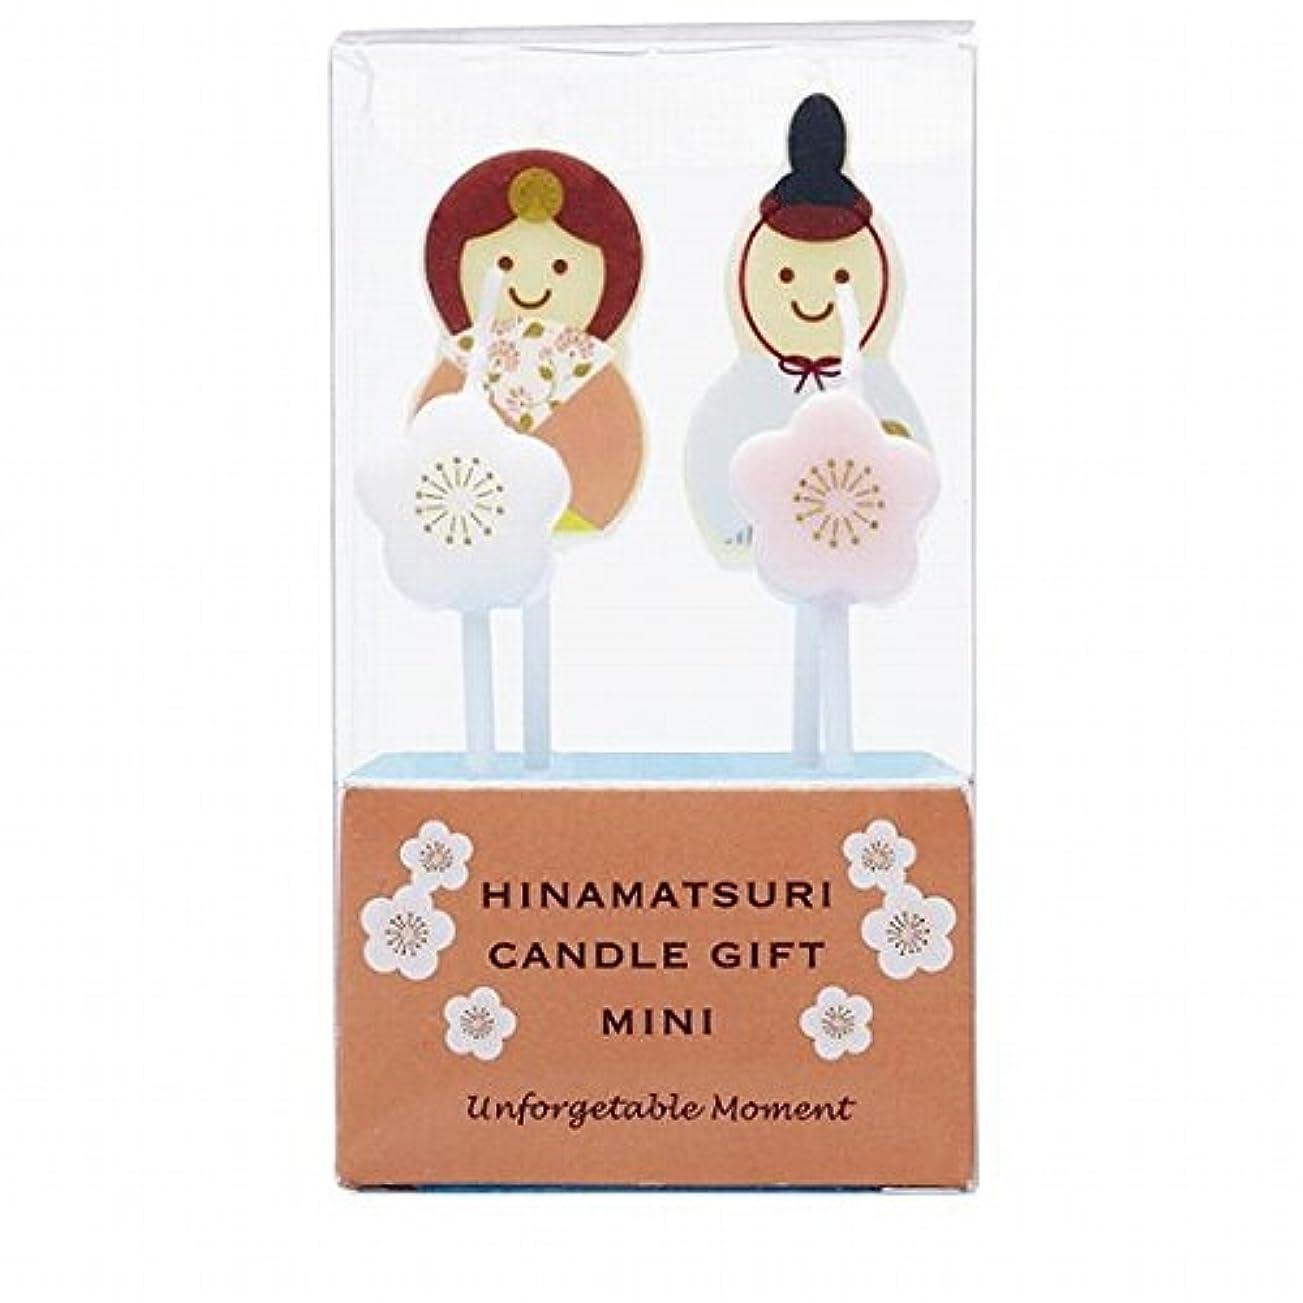 宝石満足できる吸収カメヤマキャンドル(kameyama candle) ひなまつりキャンドルギフトミニ